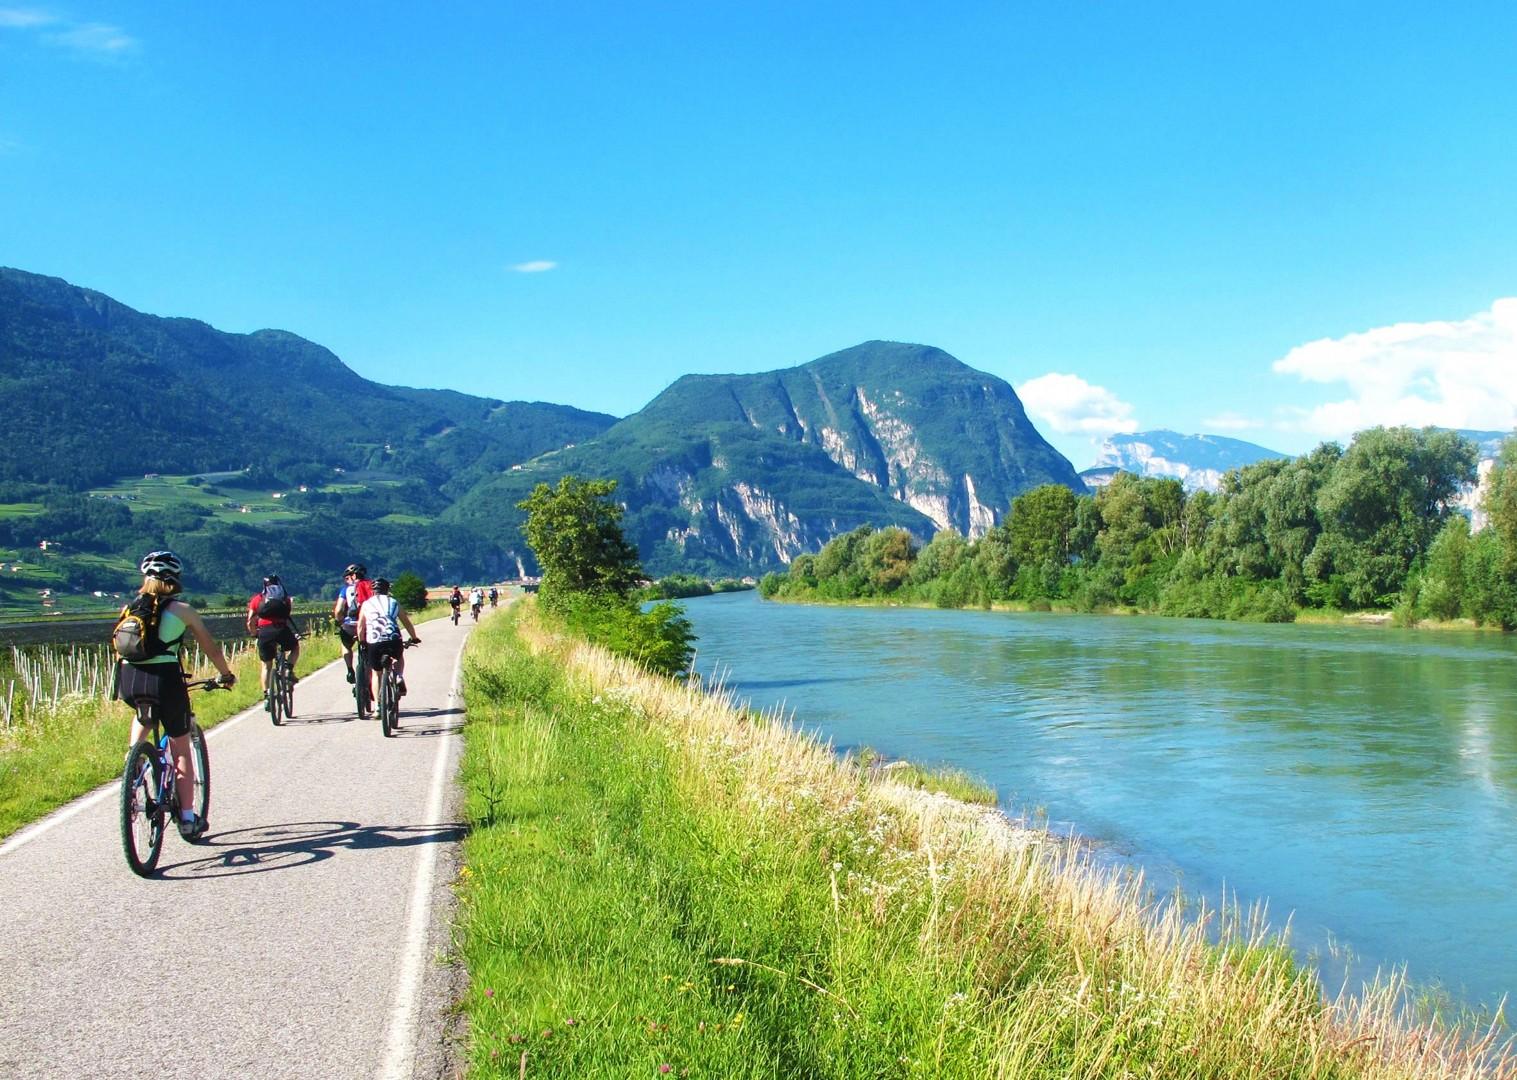 leisurely-cycling-adventure-la-via-claudia-italy.jpg - Italy - La Via Claudia - Self-Guided Leisure Cycling Holiday - Leisure Cycling